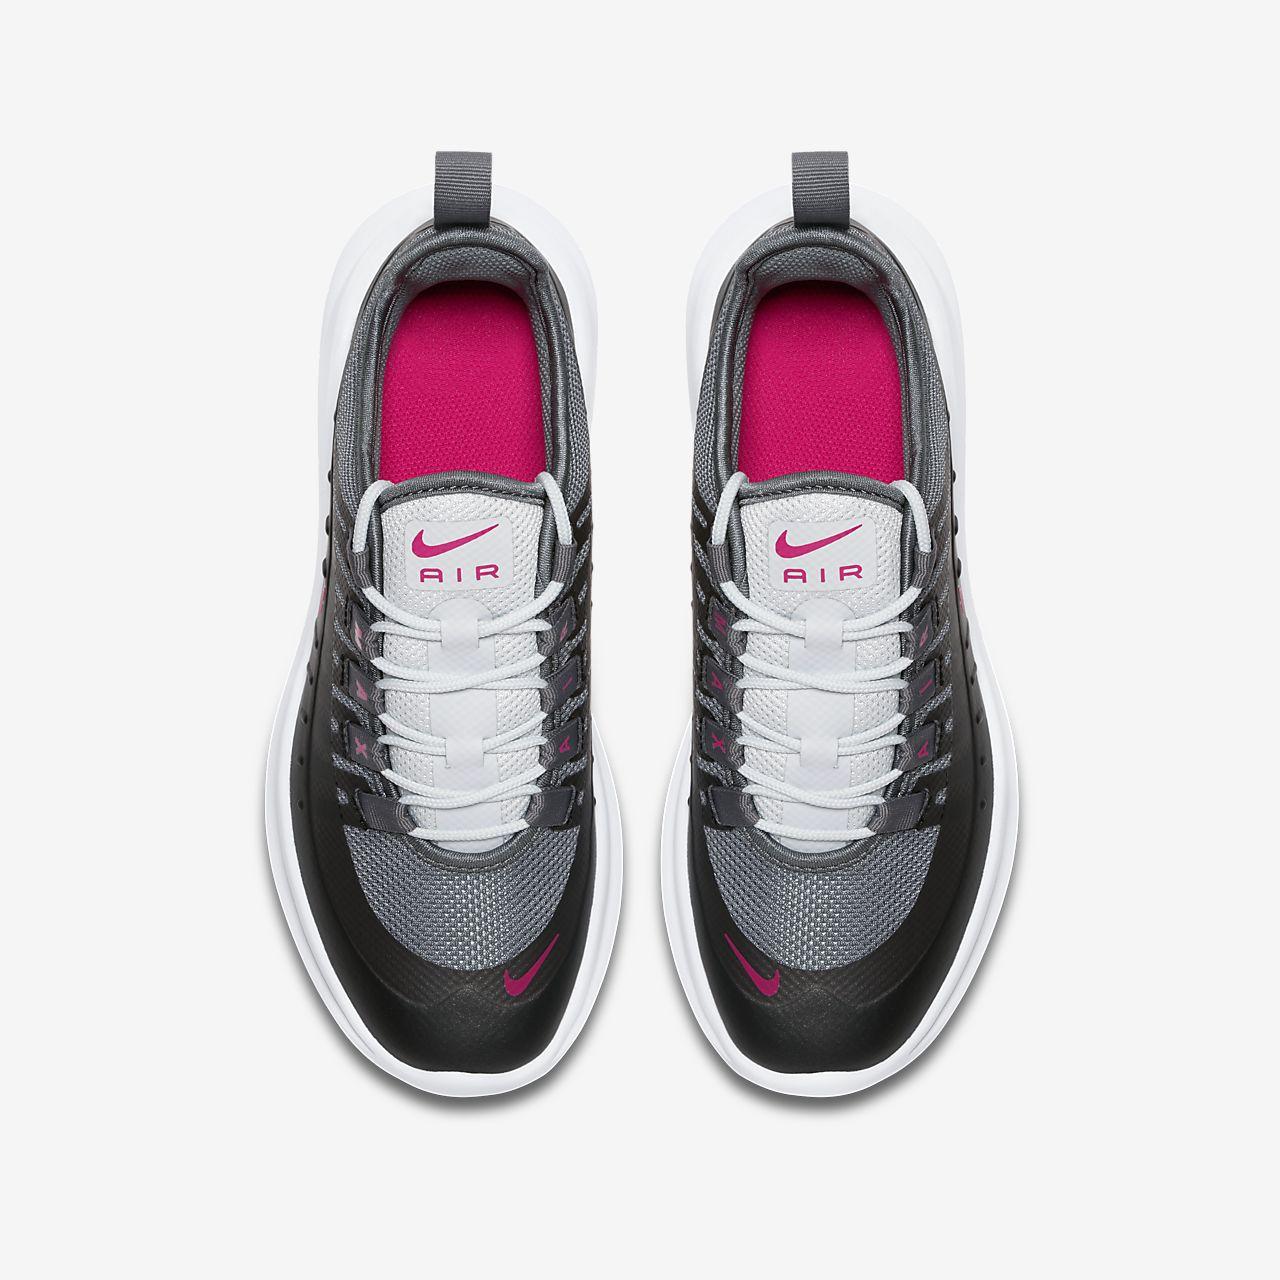 scarpe nike air ragazzo 2018 nike air max axis